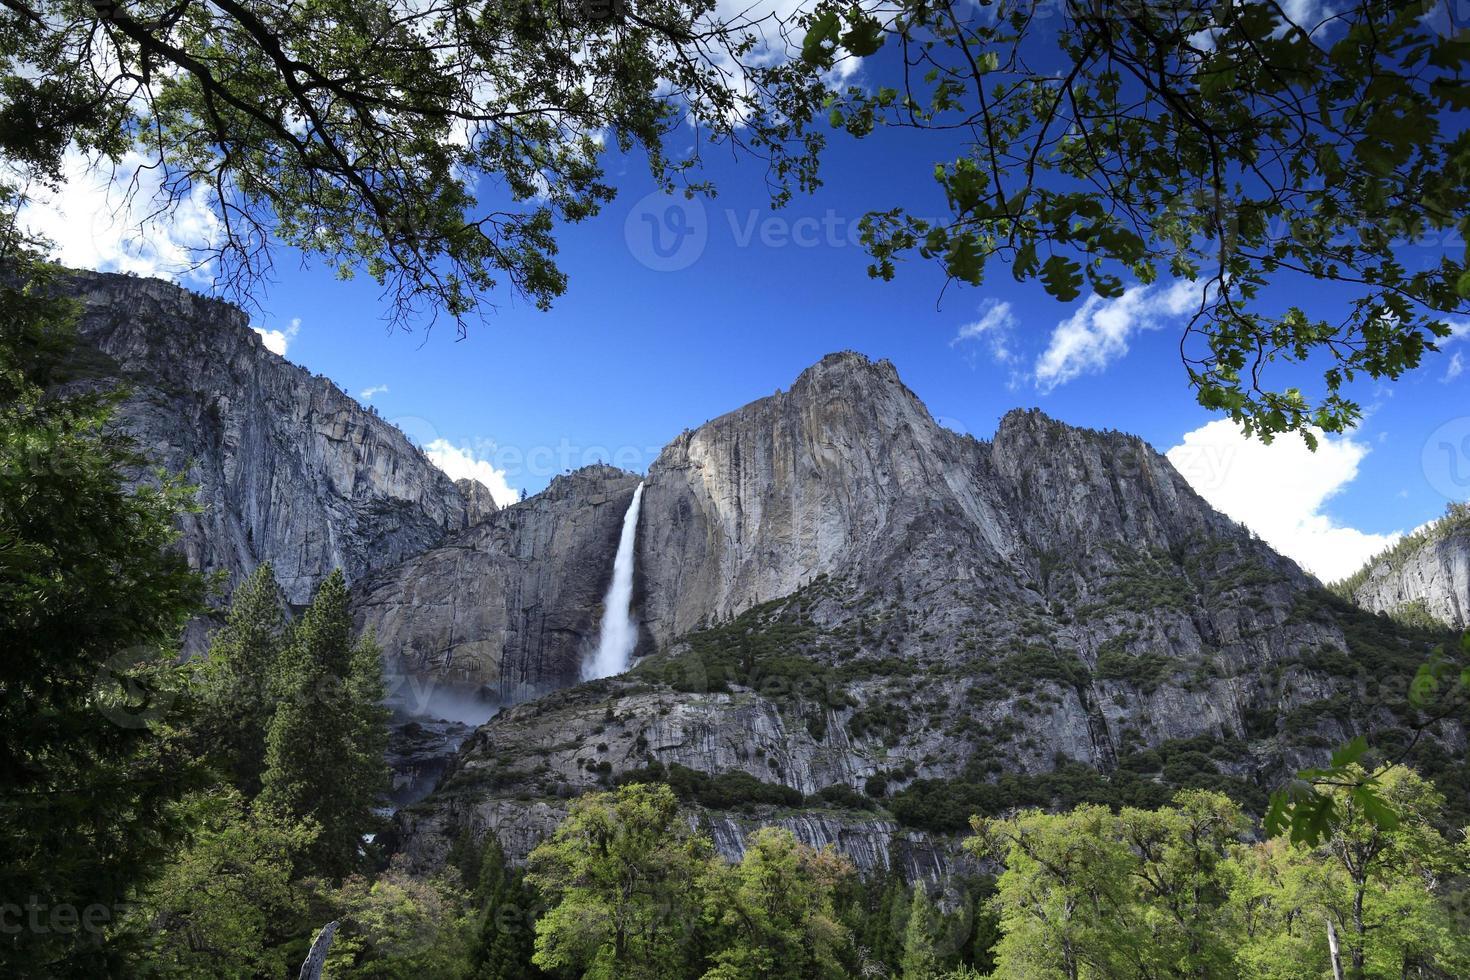 Cascade au parc national de Yosemite, États-Unis vers mai 2010 photo